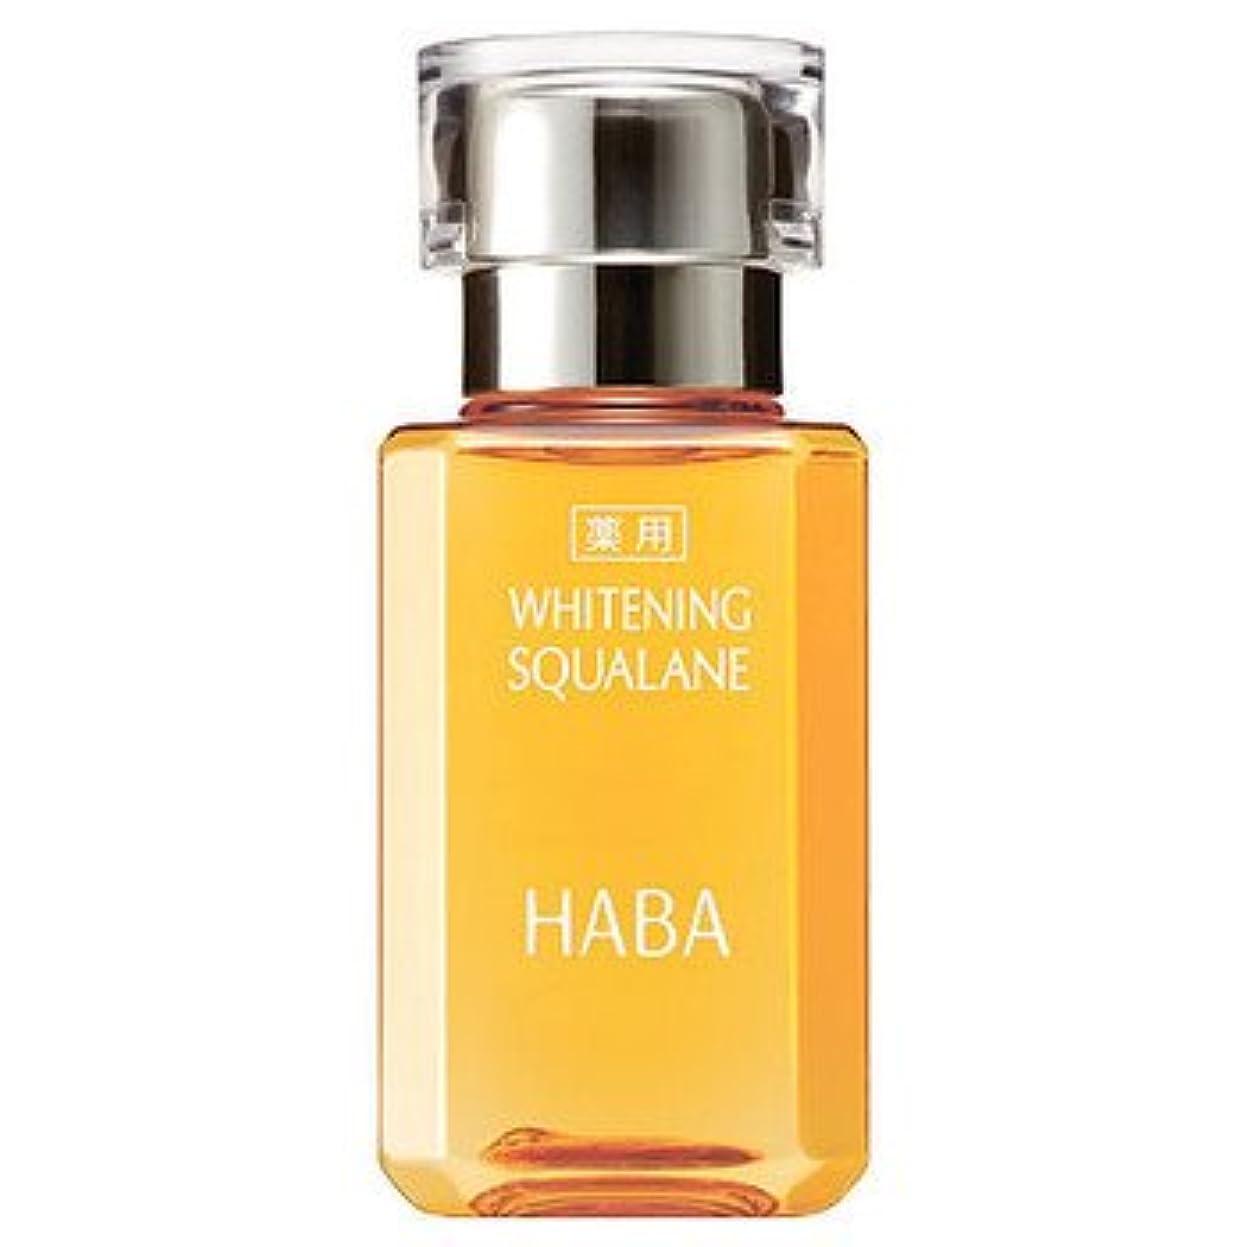 政策のために惑星HABA ハーバー 薬用ホワイトニングスクワラン 30ml フェイスオイル (医薬部外品) [並行輸入品]